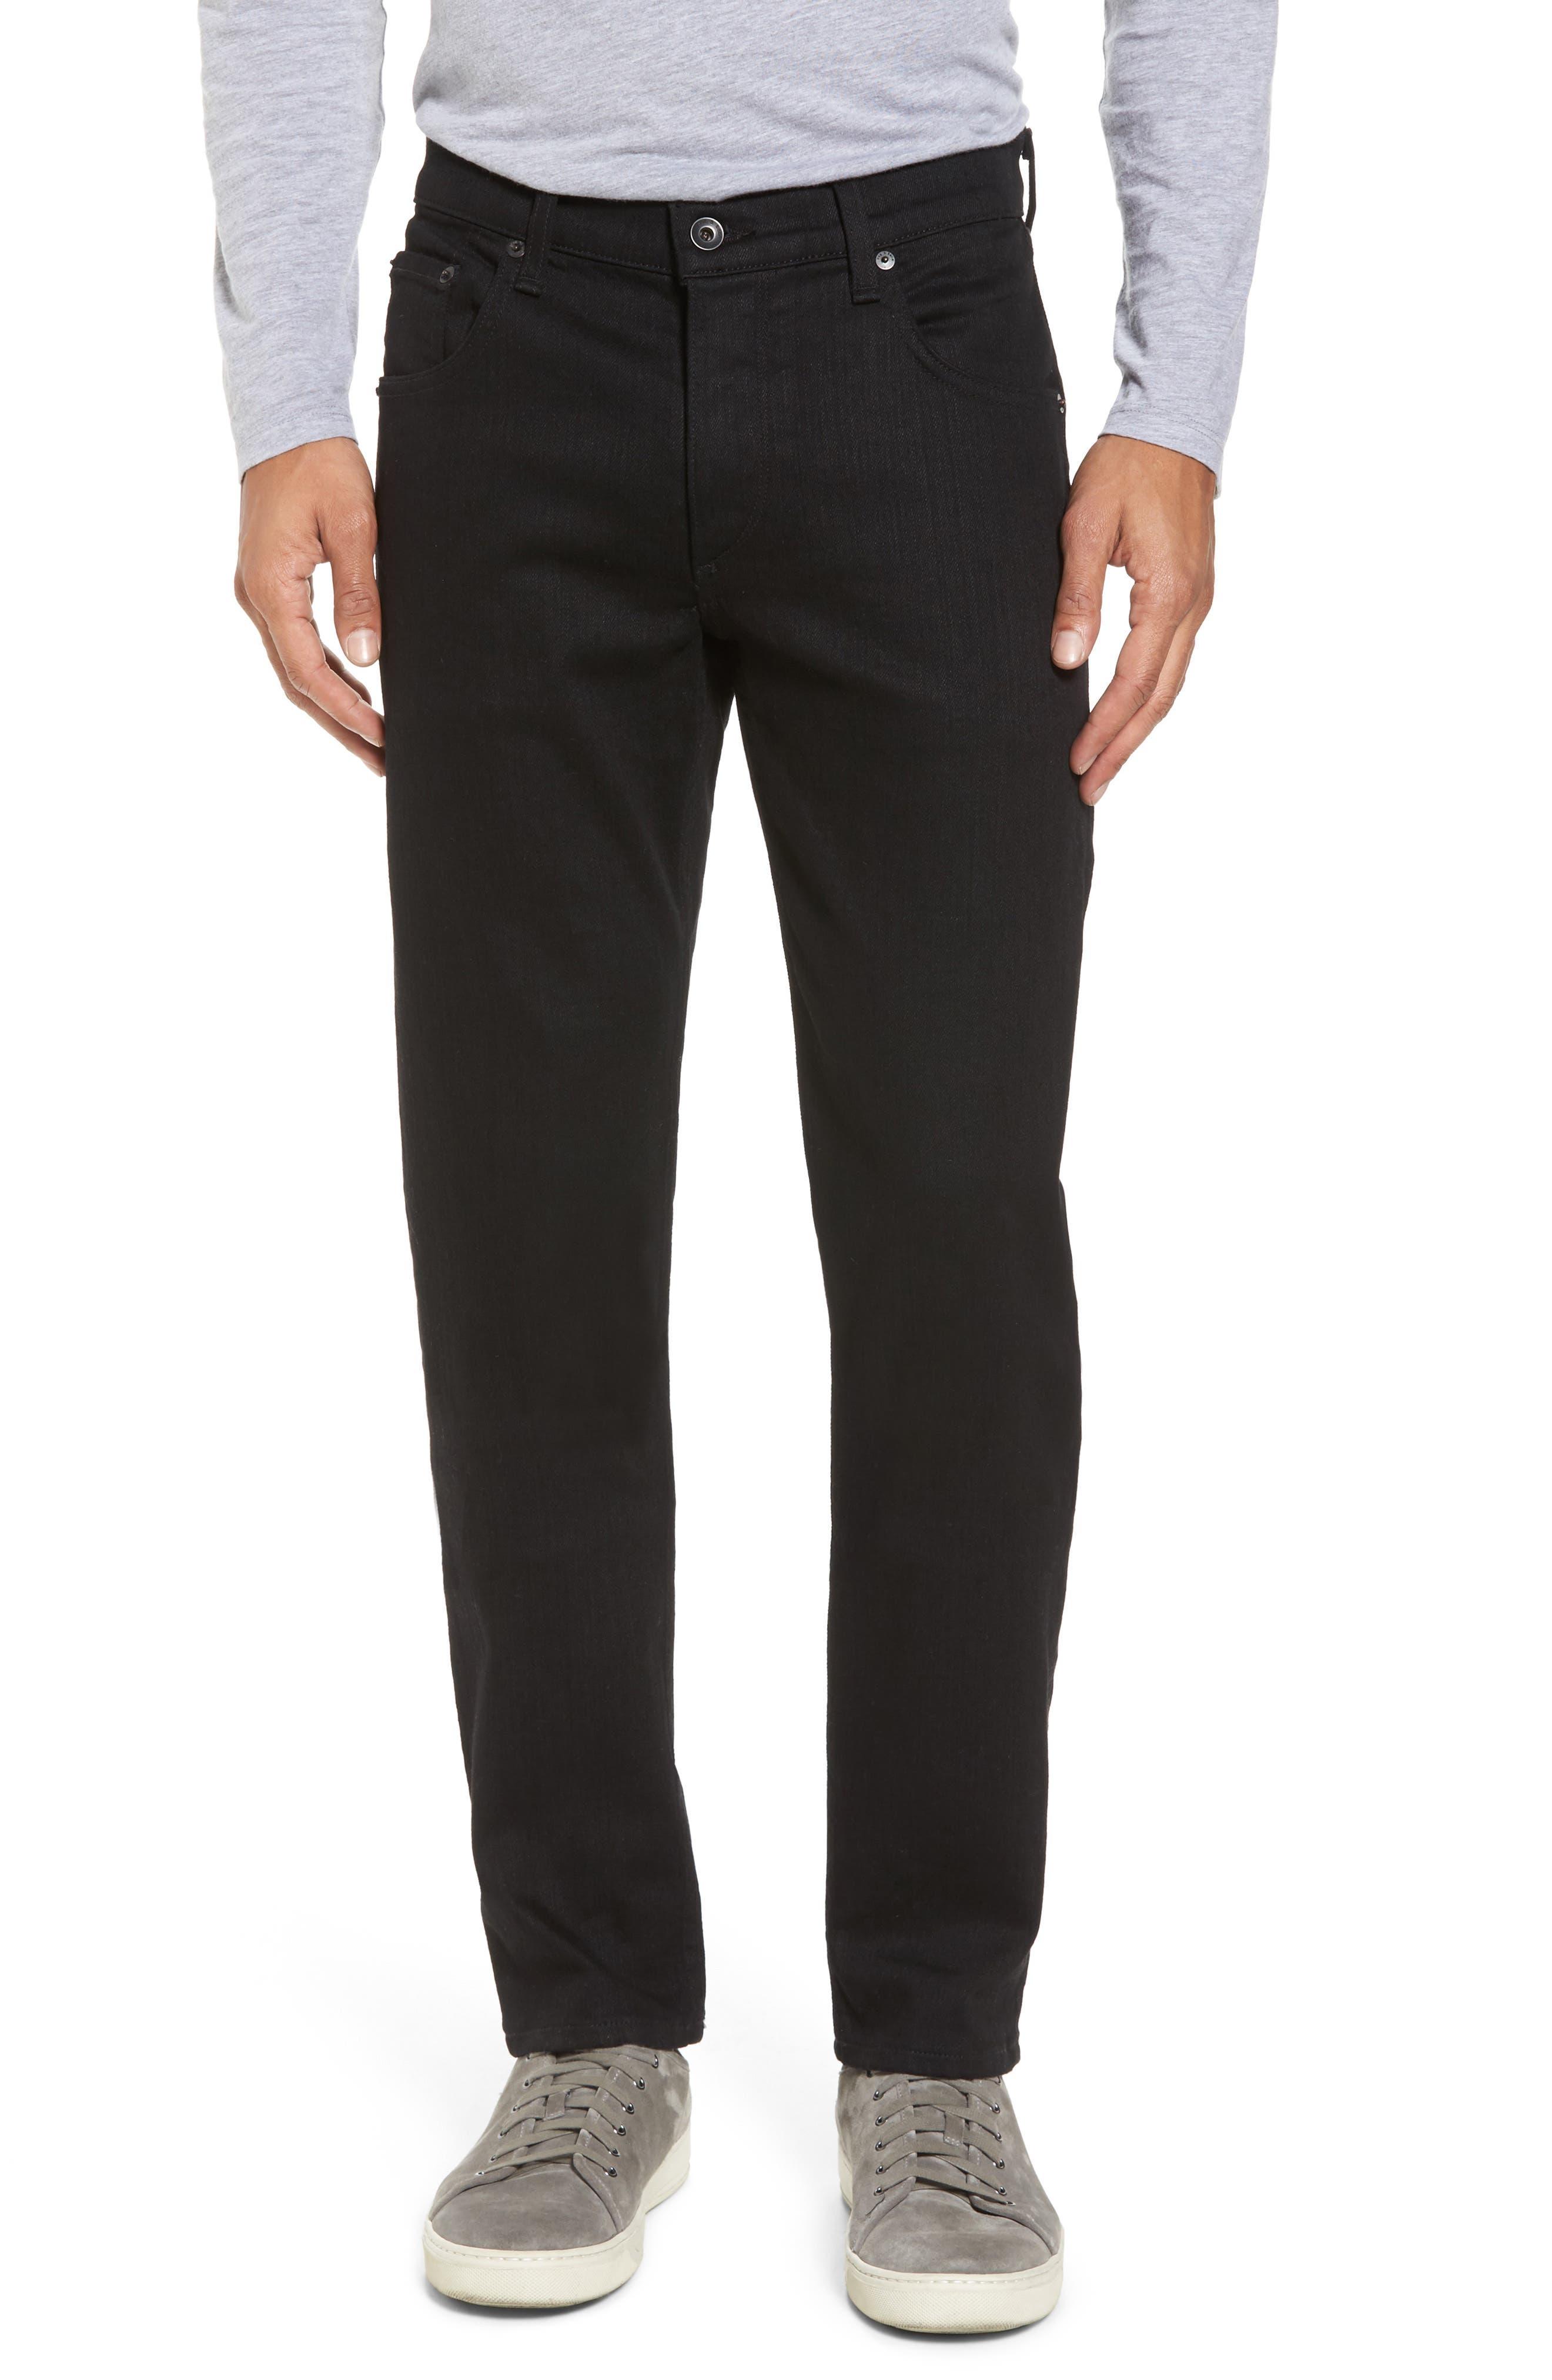 Fit 2 Slim Fit Jeans,                         Main,                         color, Black